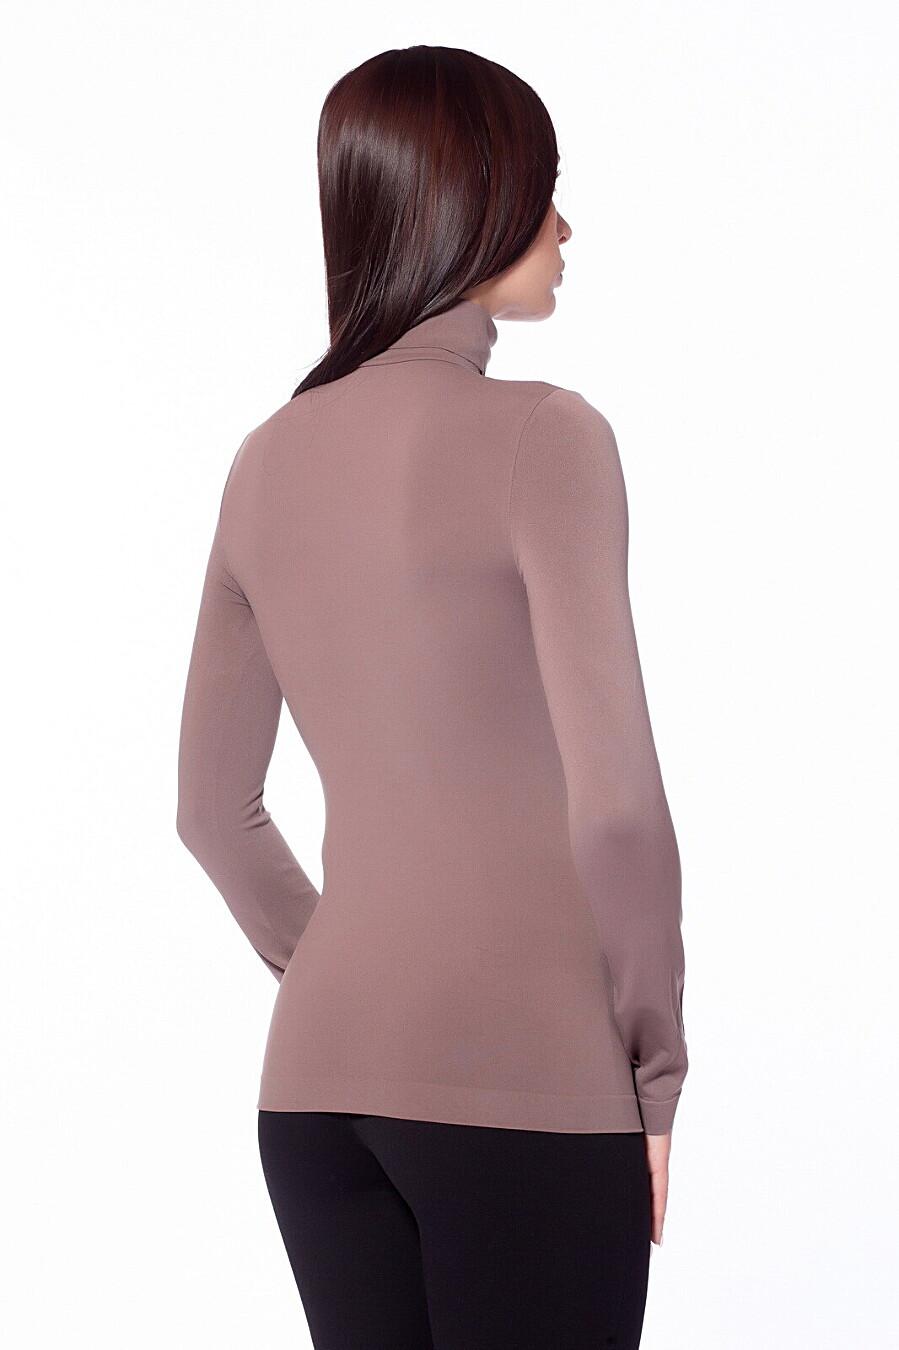 Водолазка для женщин GIULIA 146590 купить оптом от производителя. Совместная покупка женской одежды в OptMoyo